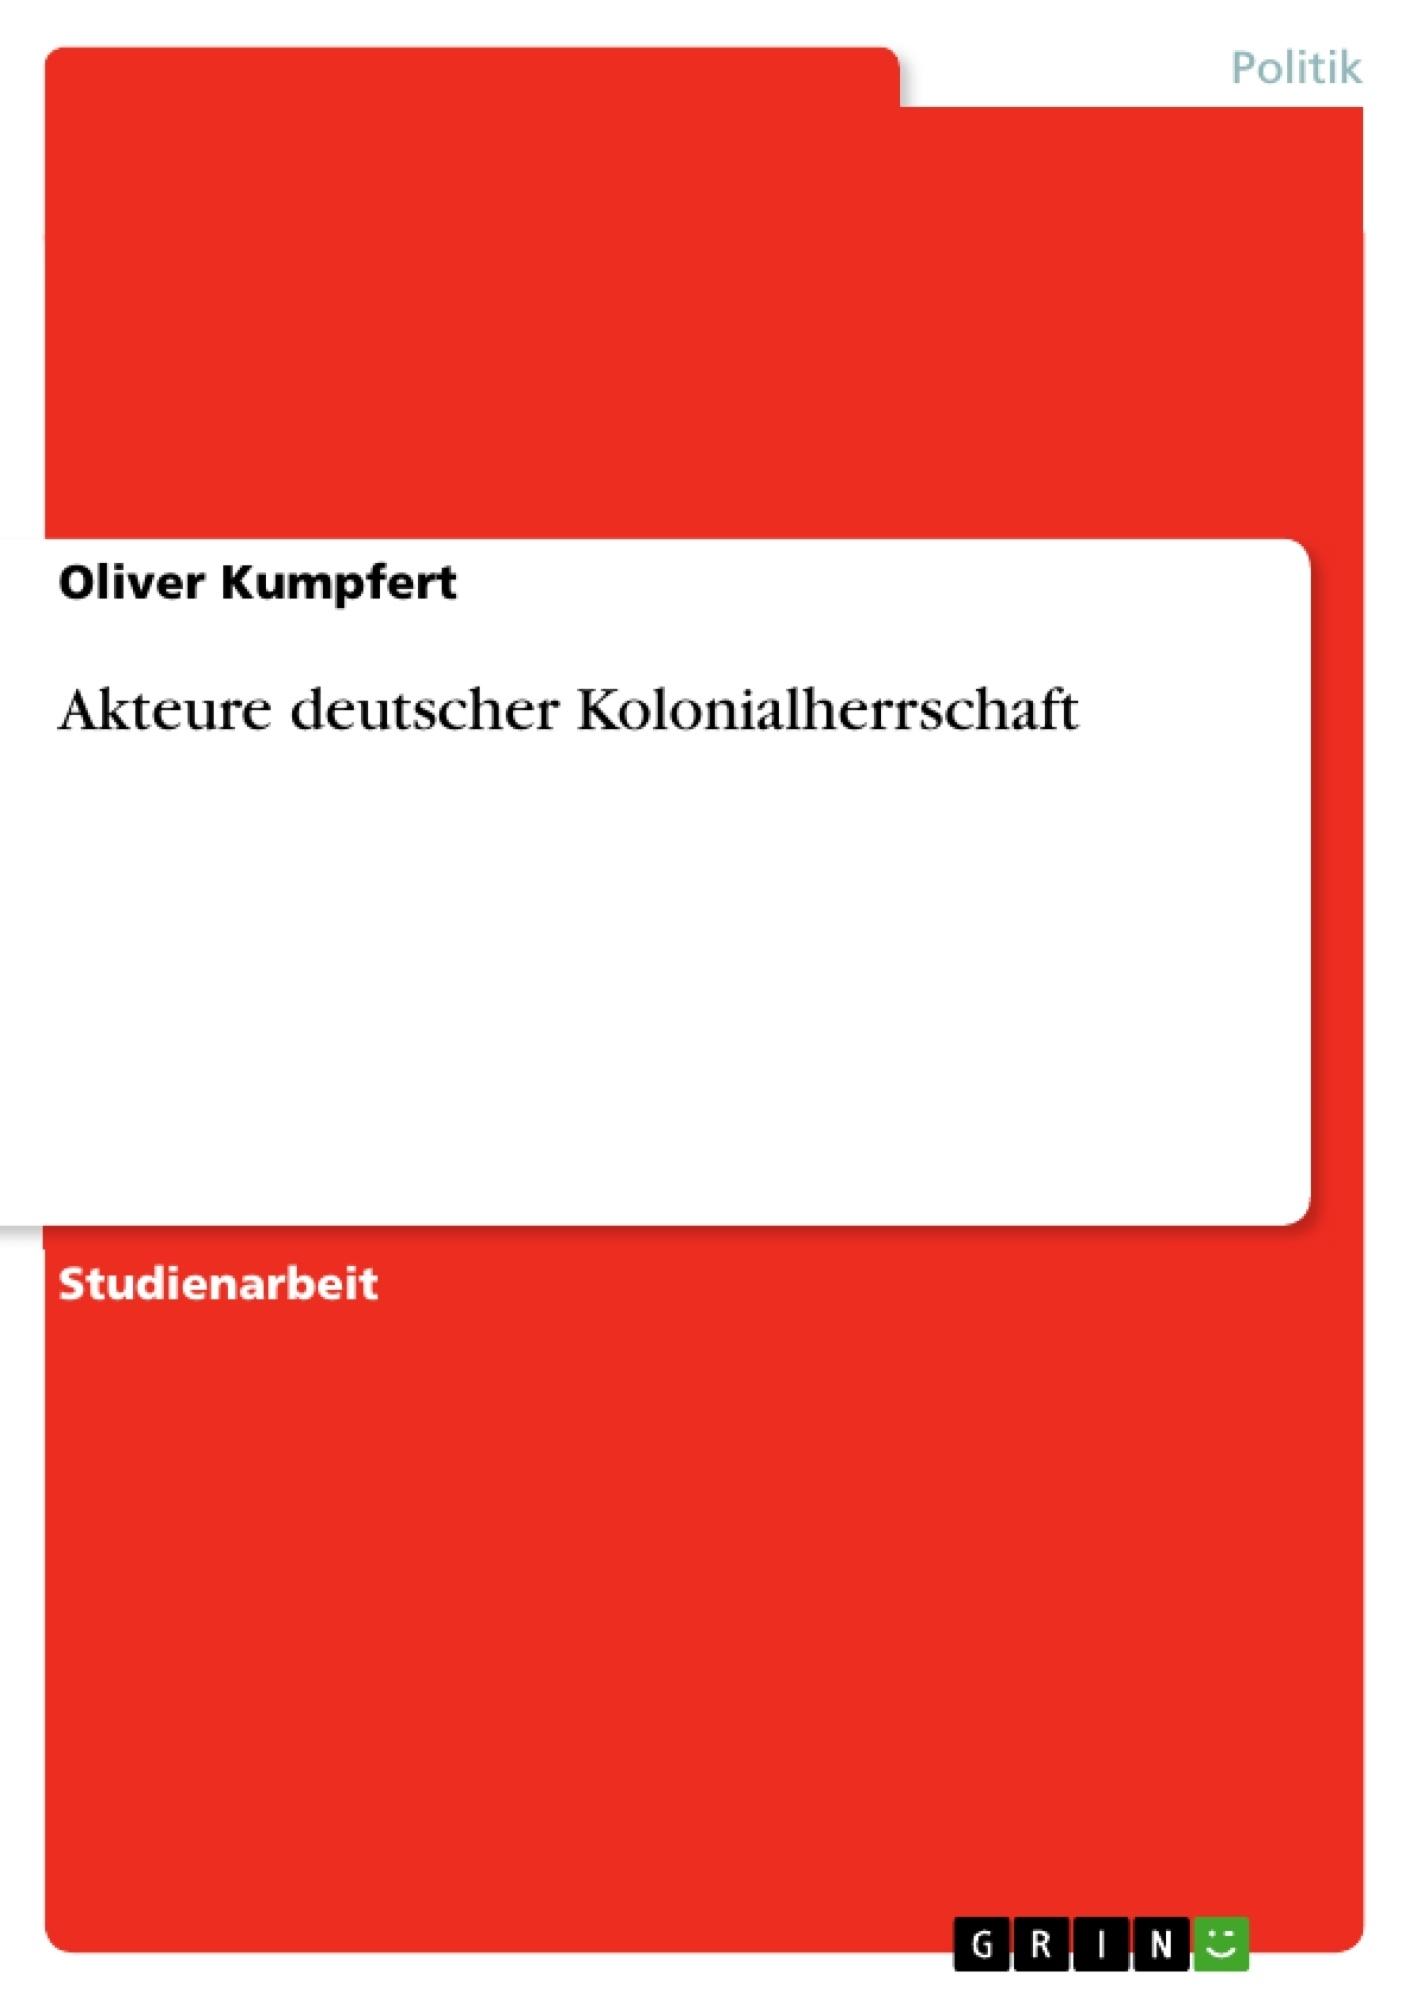 Titel: Akteure deutscher Kolonialherrschaft